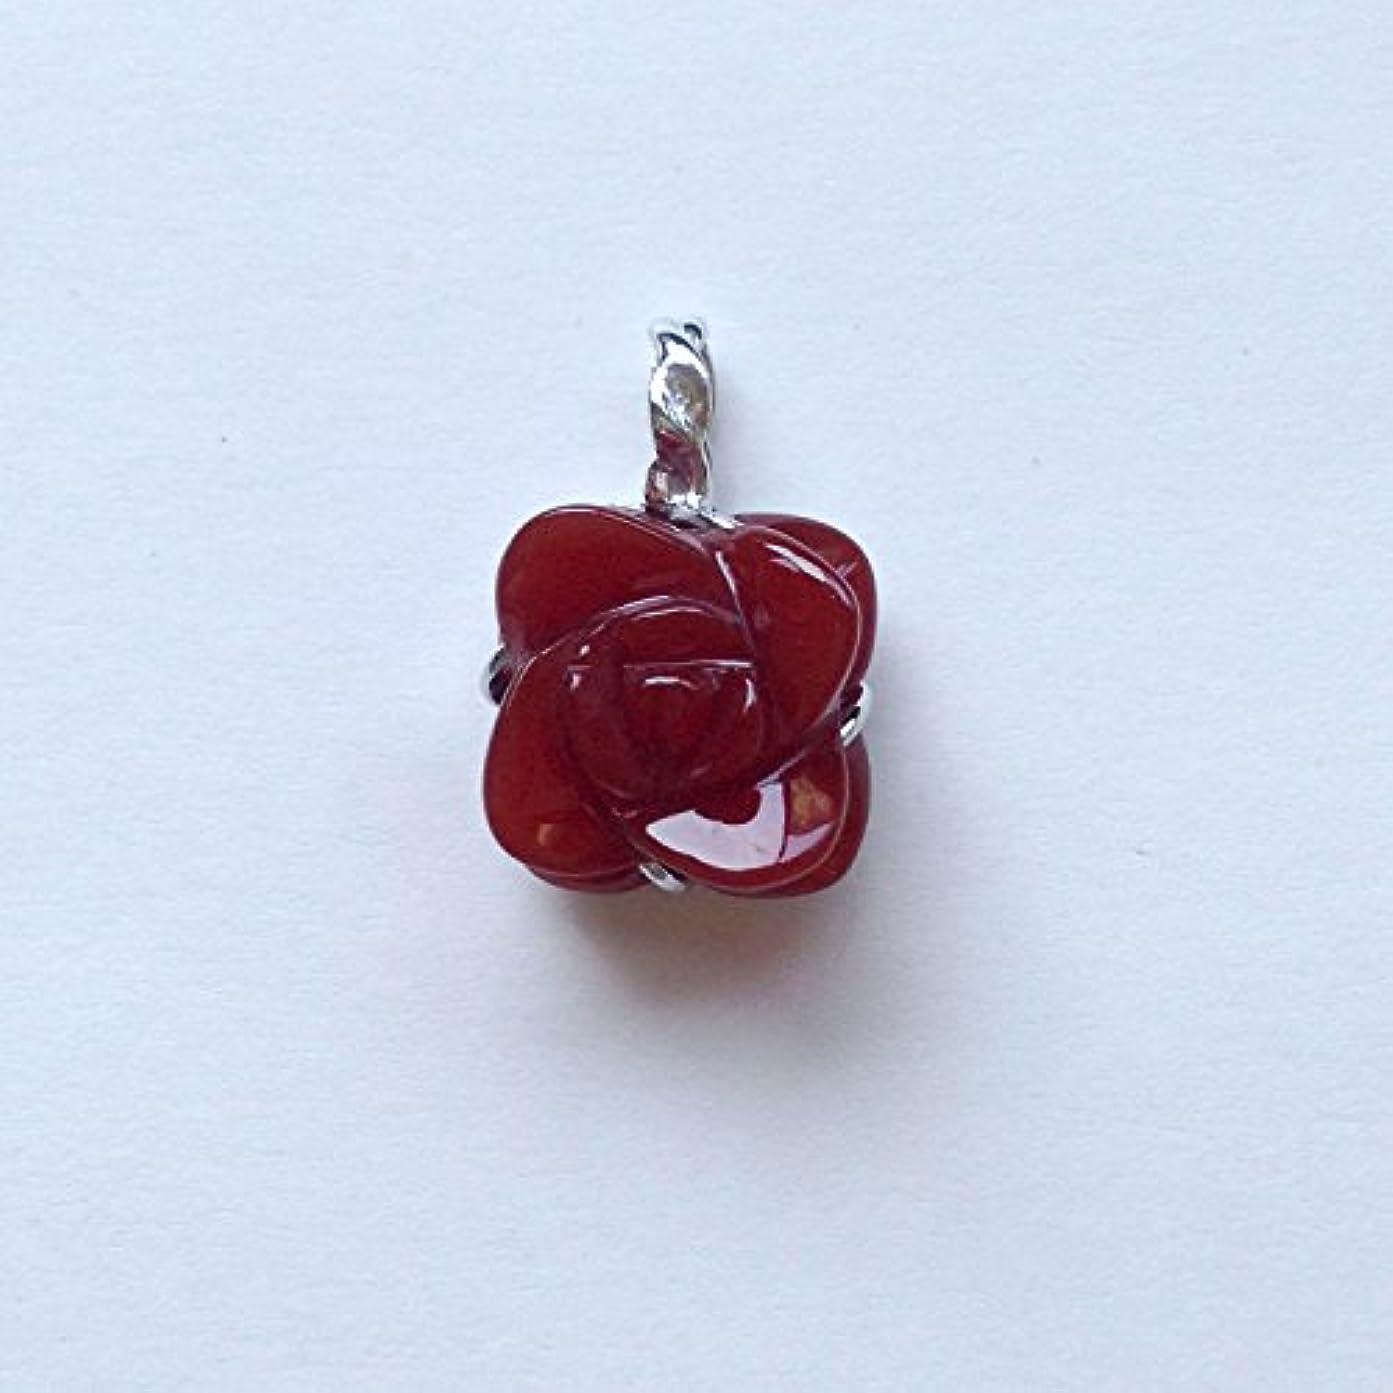 支払い可愛い心理学香る宝石SV赤メノウペンダント通常¥26,800の所 (Ag925)